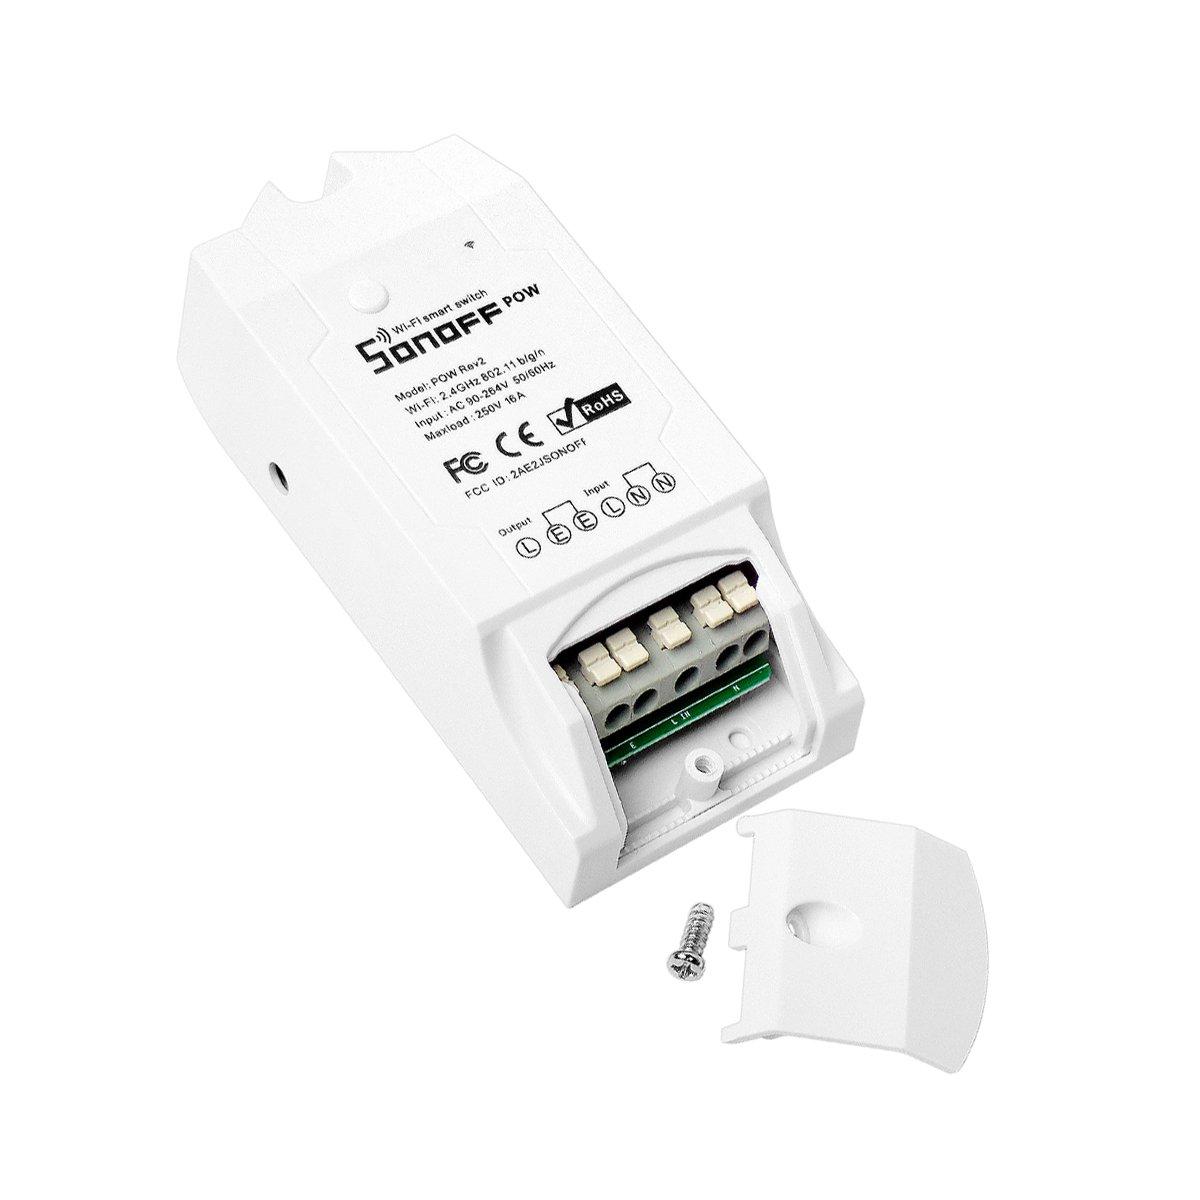 Sonoff POW R2 Interruptor de Control Remoto Inalámbrico Monitor de Alimentación Remoto wifi Inteligente (Mida de Consumo de Energía, potencia, Voltaje, Corriente) para Alexa, Google Nest